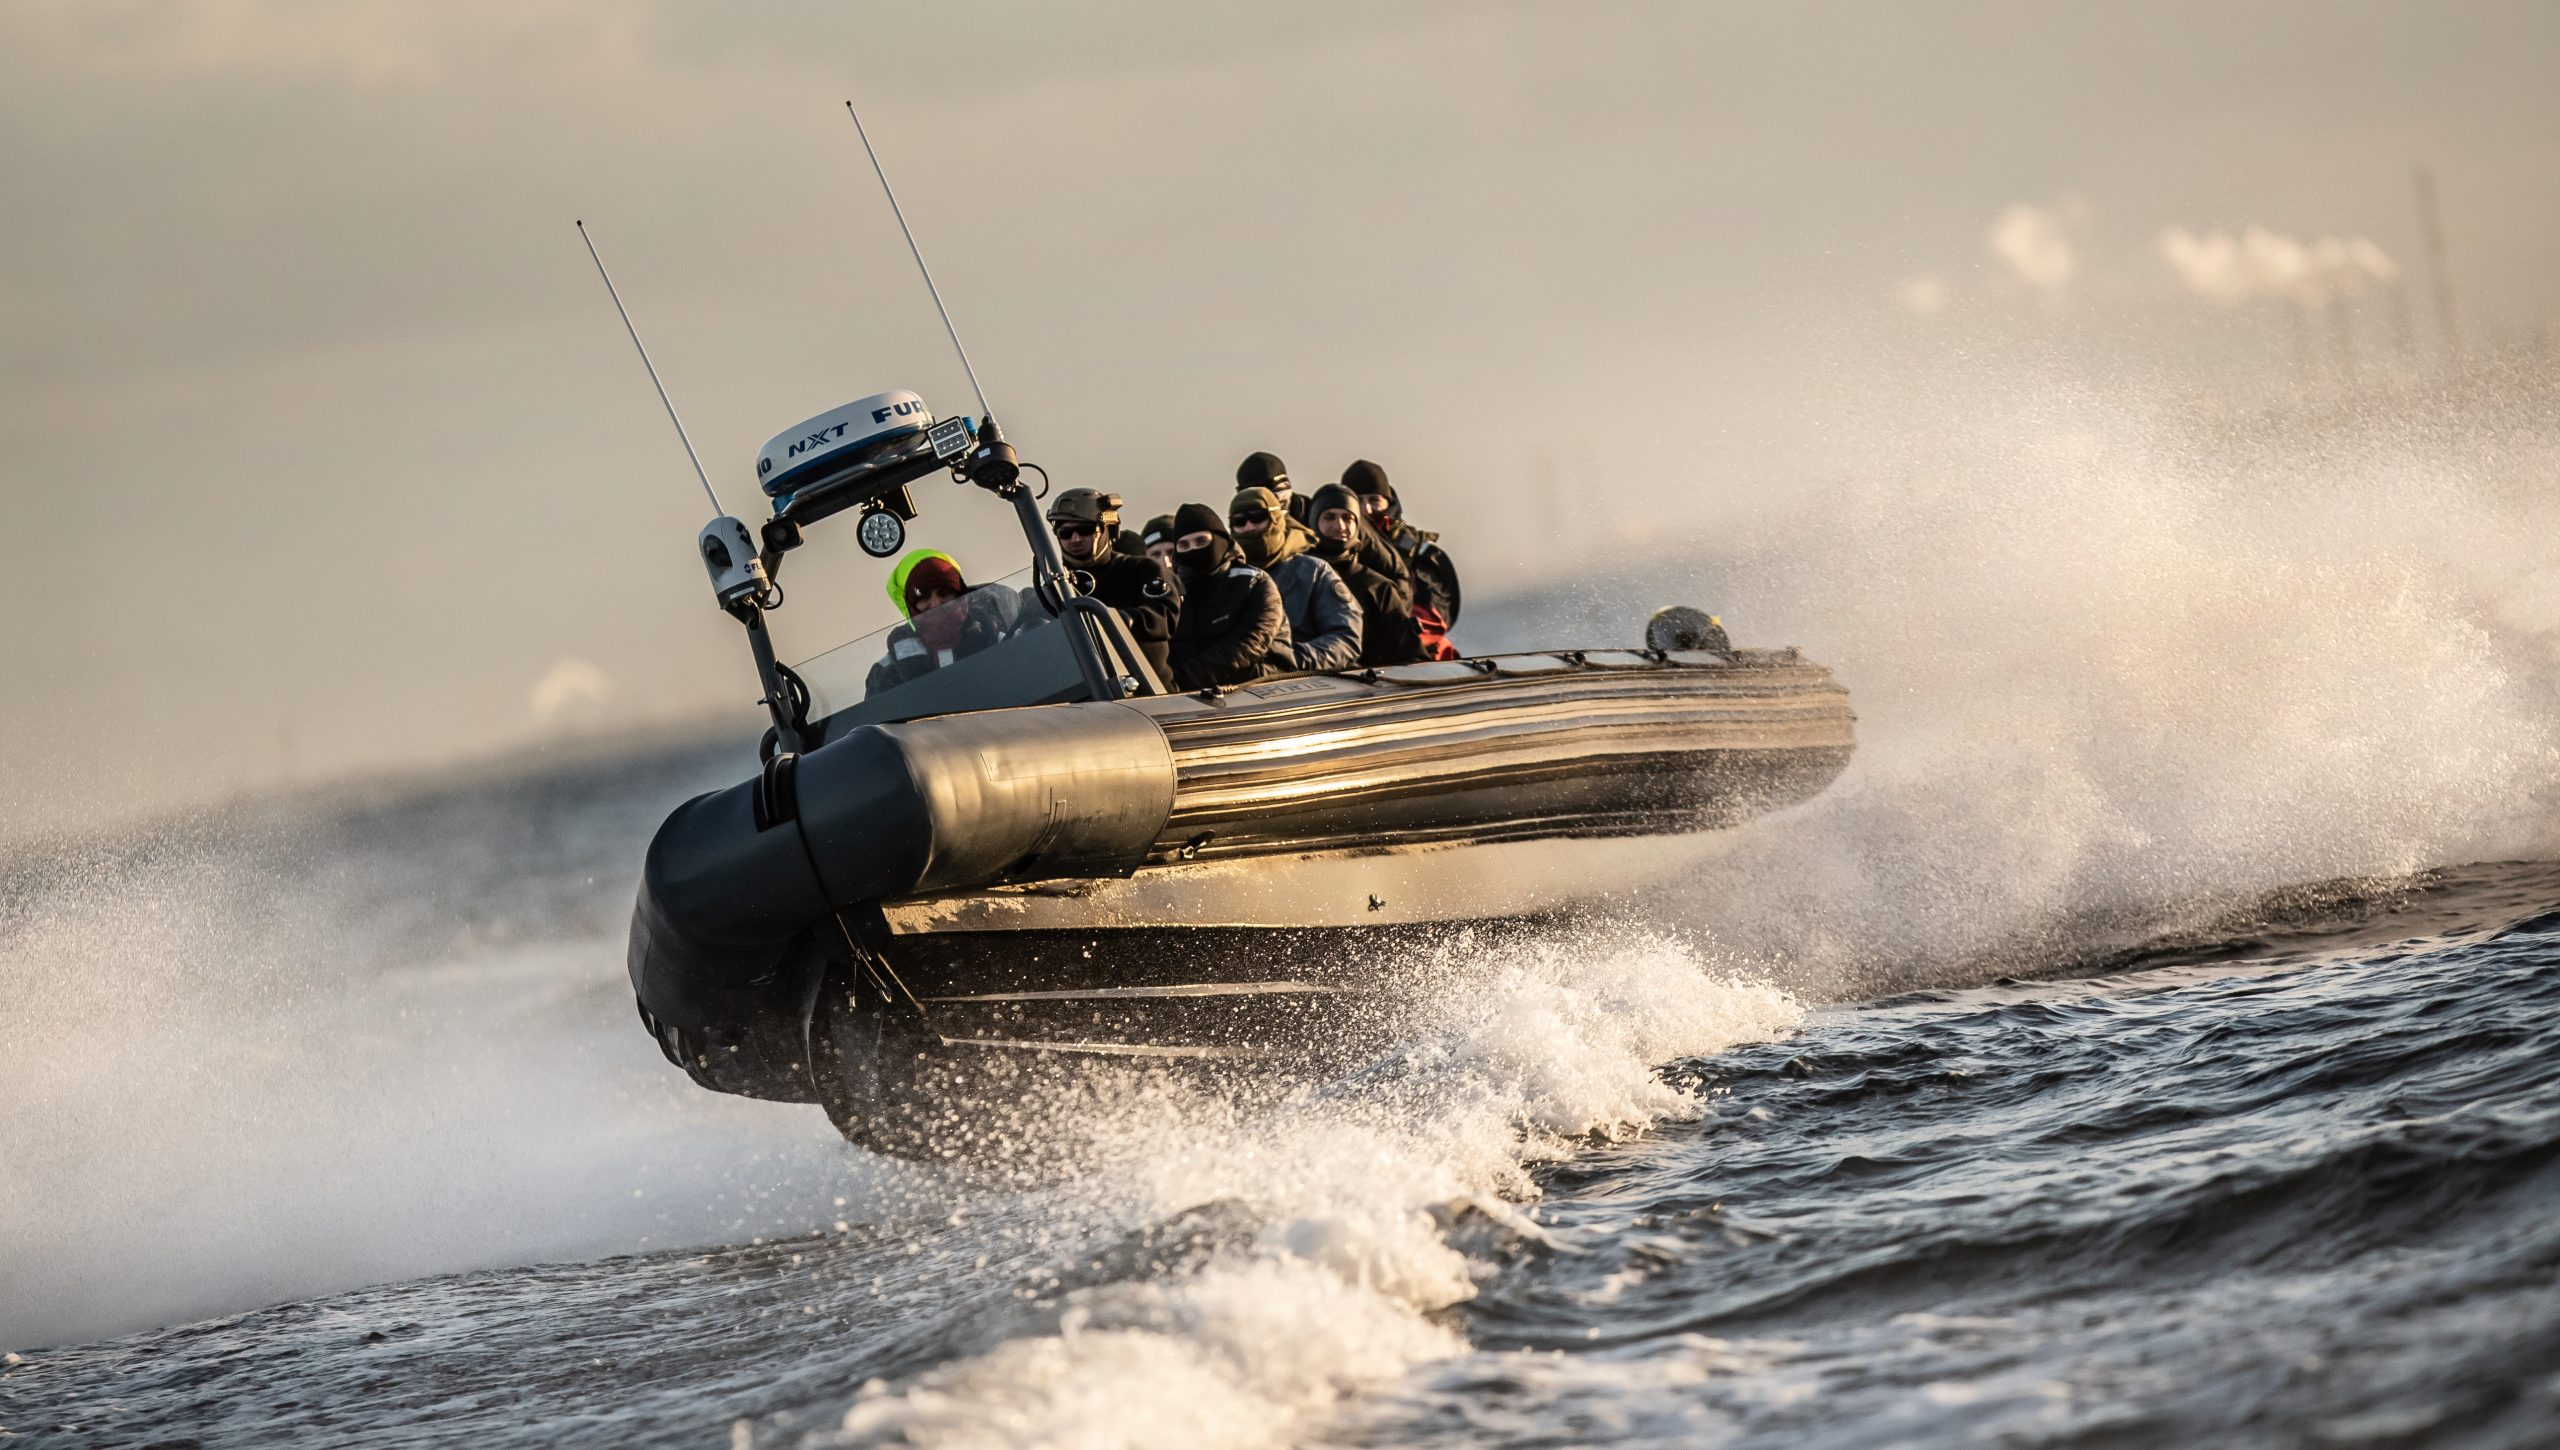 Nederlandse botenbouwers bruut opzij gezet bij politietender. (Foto Euro Offshore)